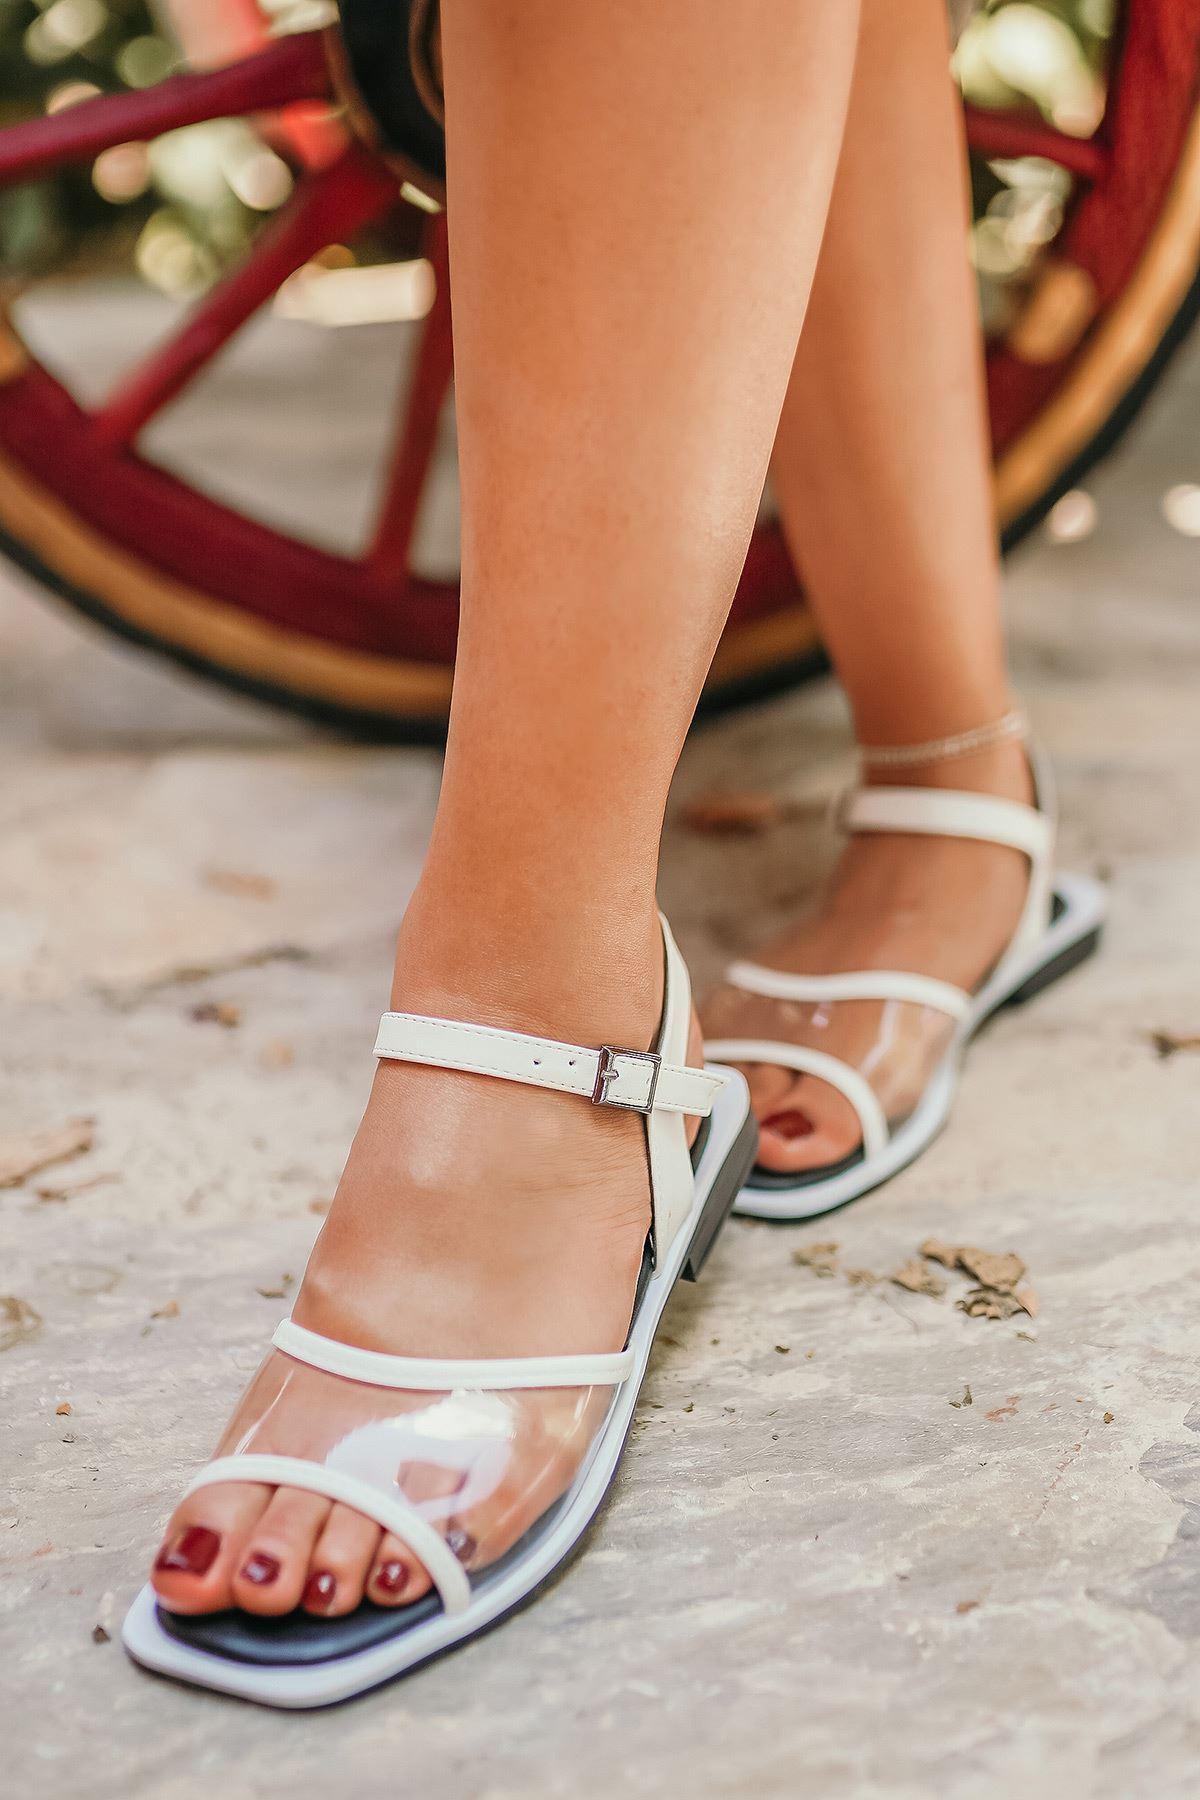 Ricky Beyaz Şeffaf Kadın Sandalet